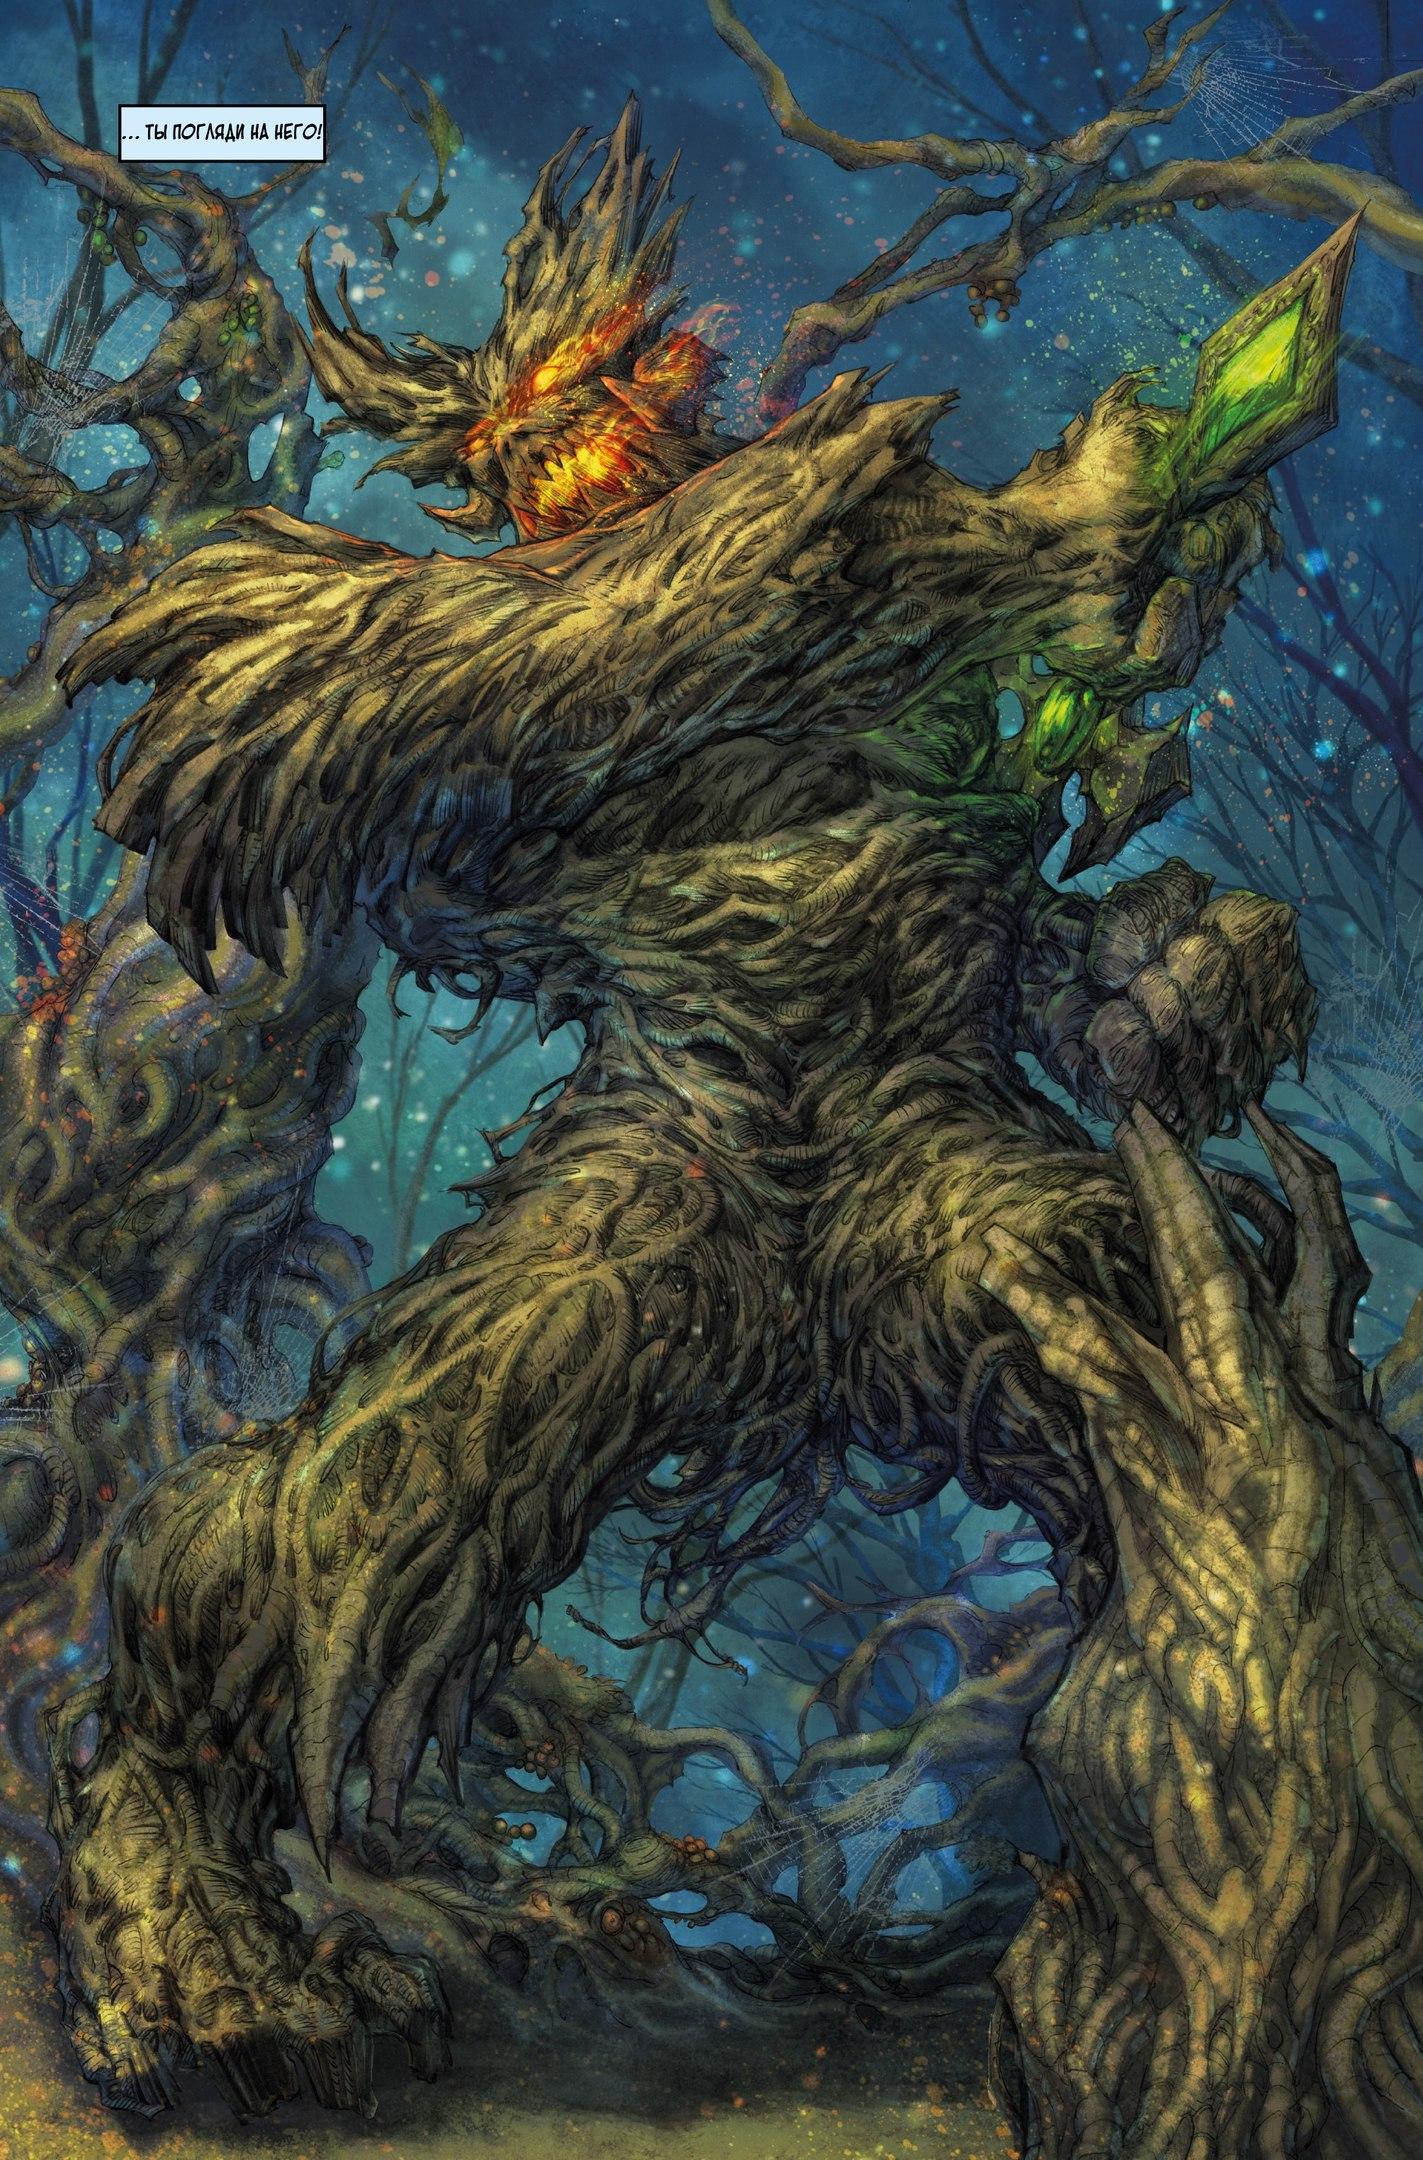 Немного комиксов по Dark Souls.(часть 2) - Изображение 17